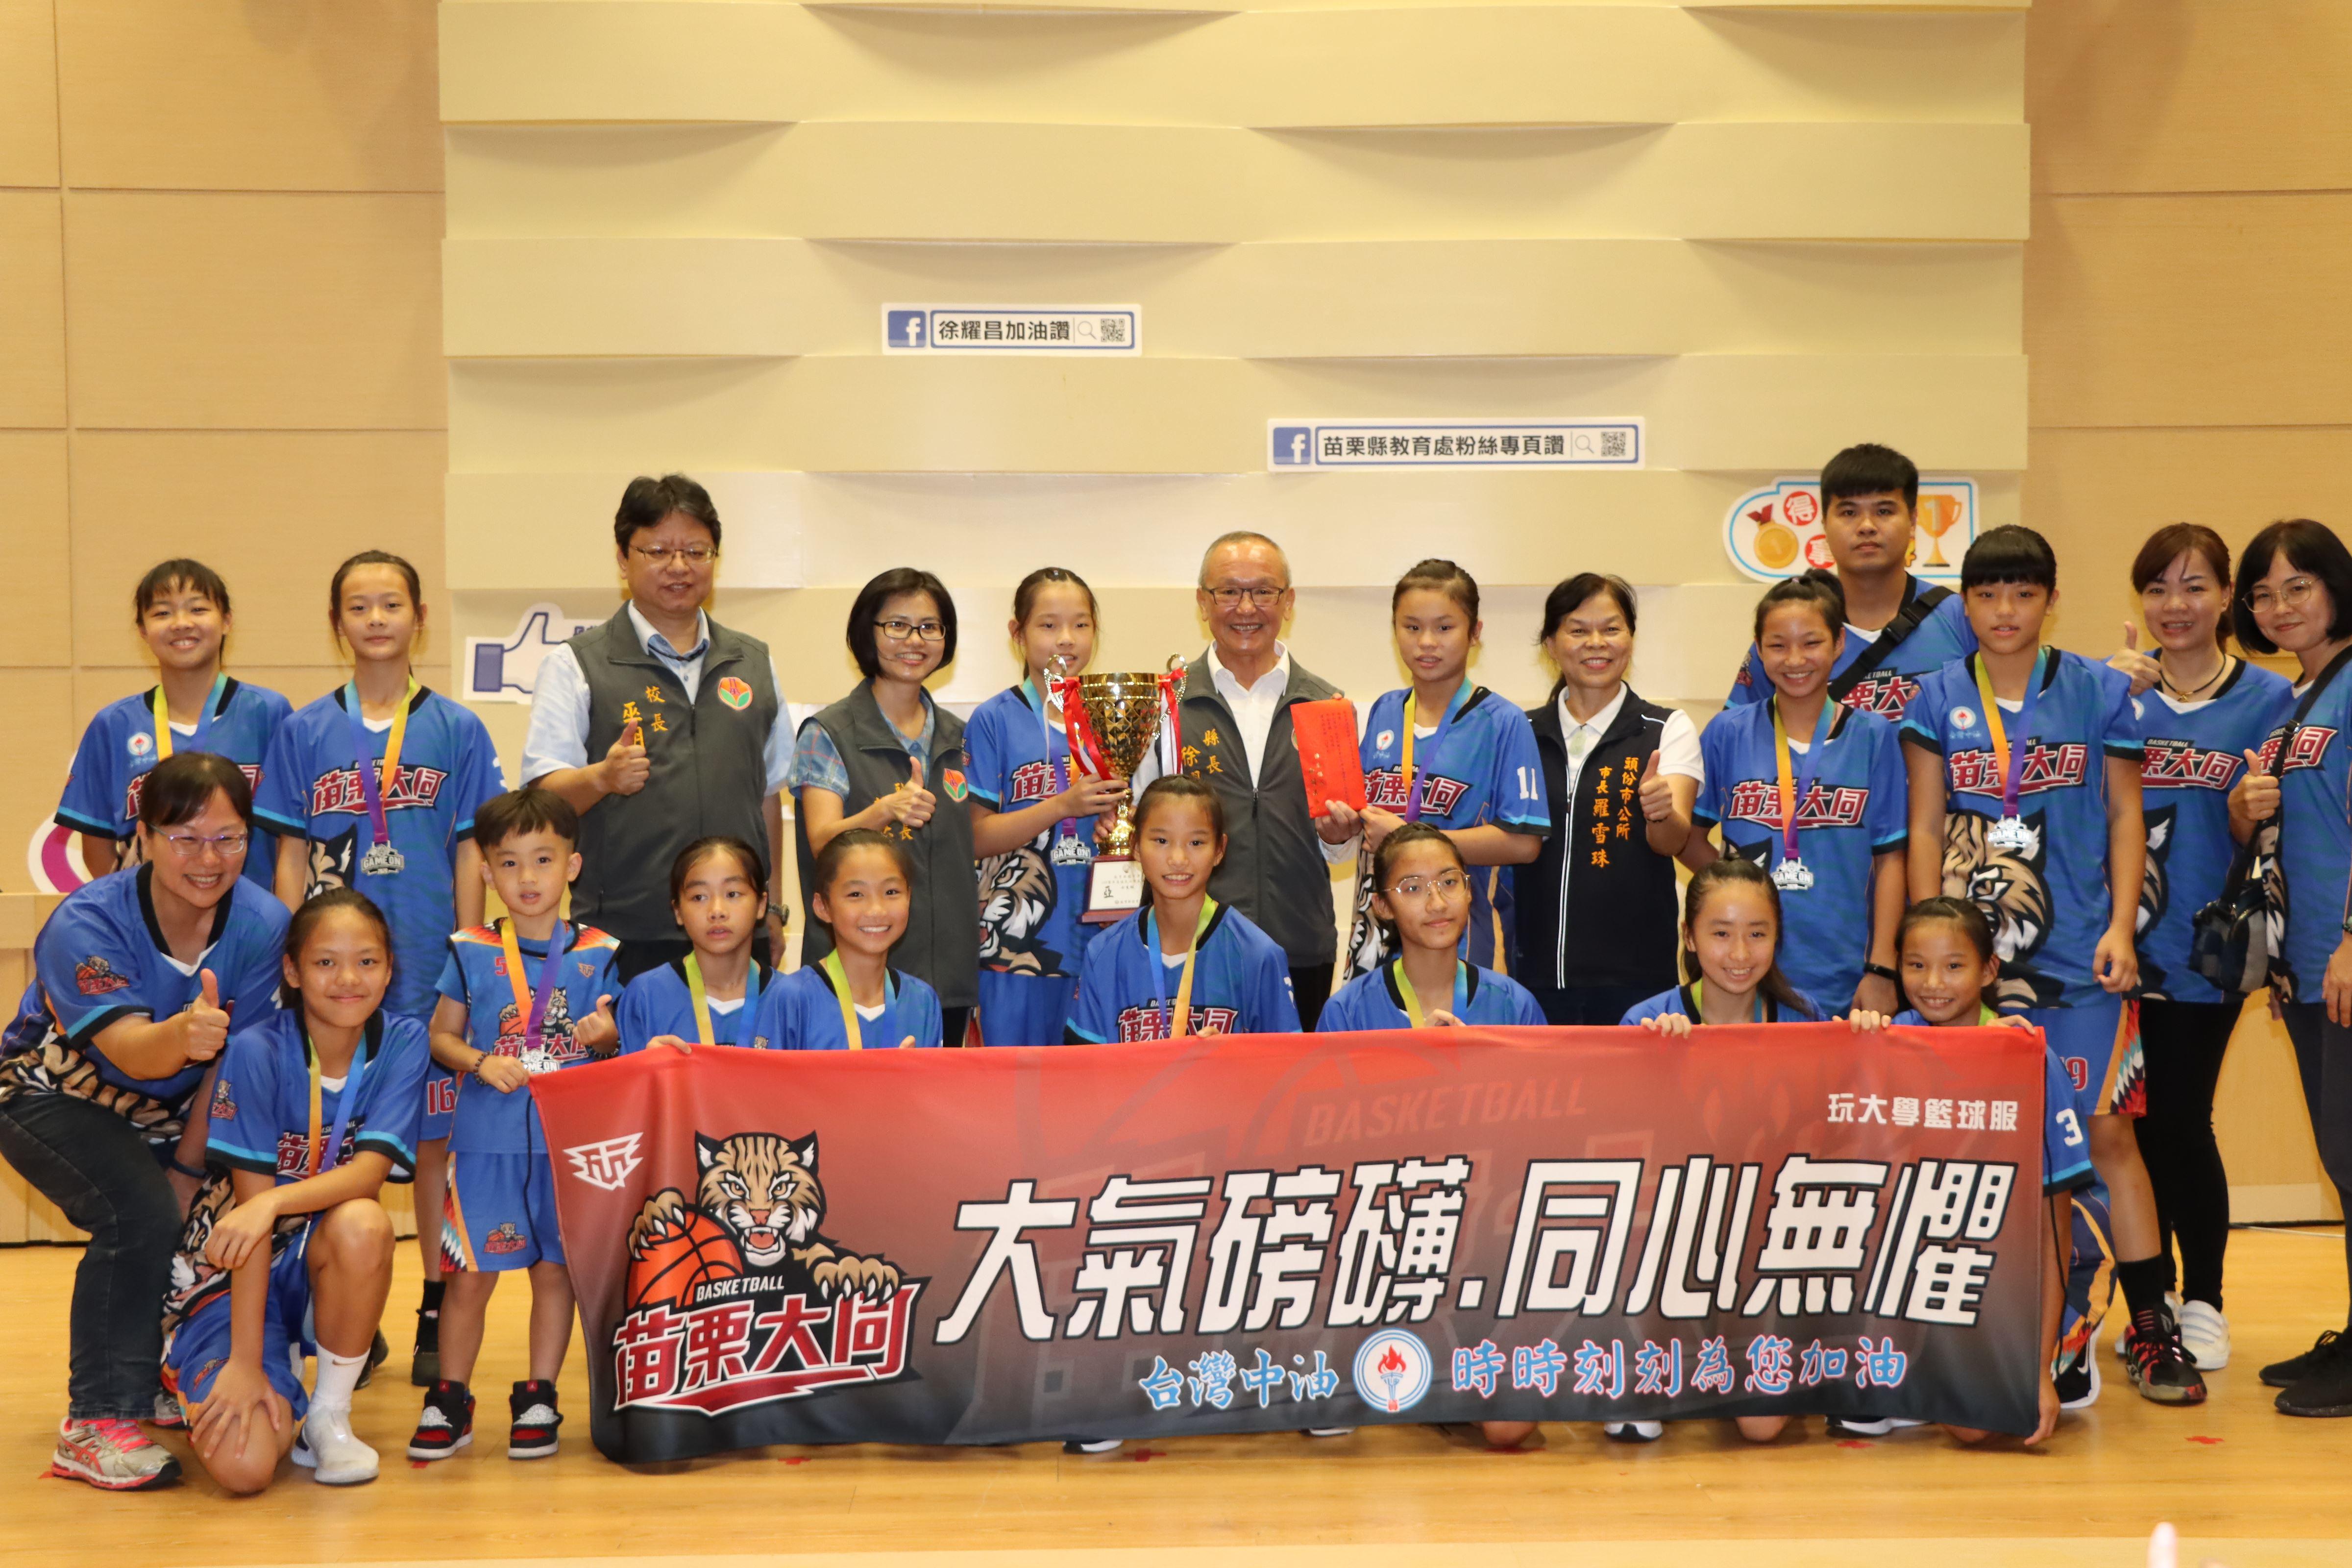 6縣府-大同國小女籃隊獲得全國國小籃球聯賽亞軍IMG_8210.JPG